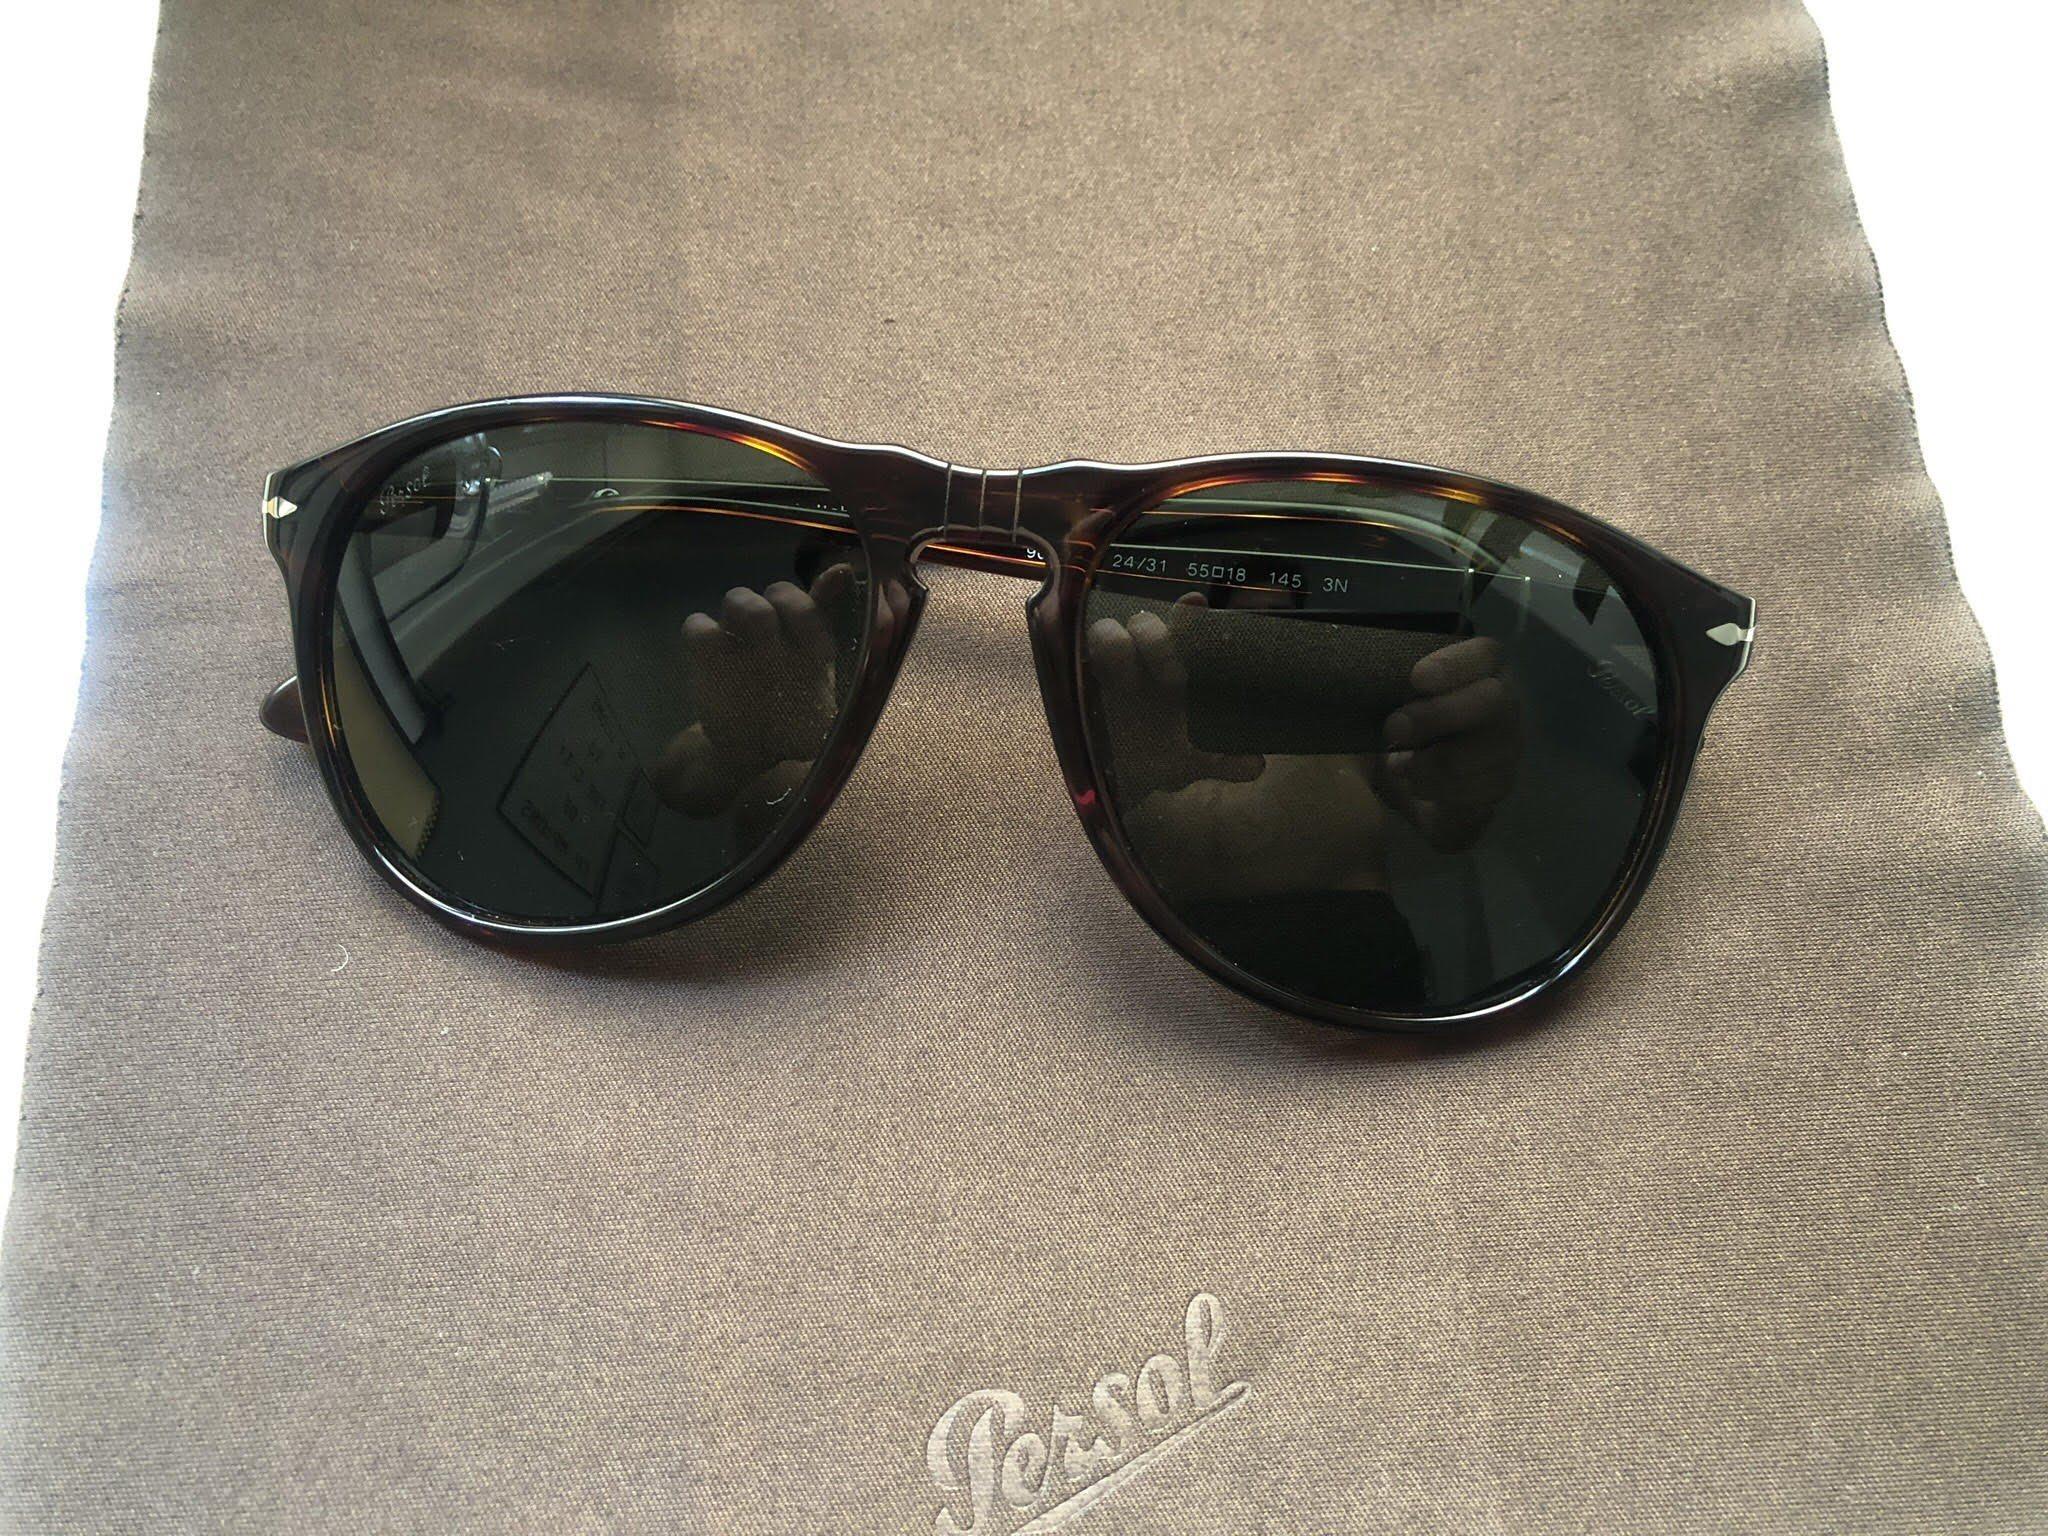 78f2d6fa63ad Persol 9649S Havana Crystal Green (345545317) ᐈ Köp på Tradera